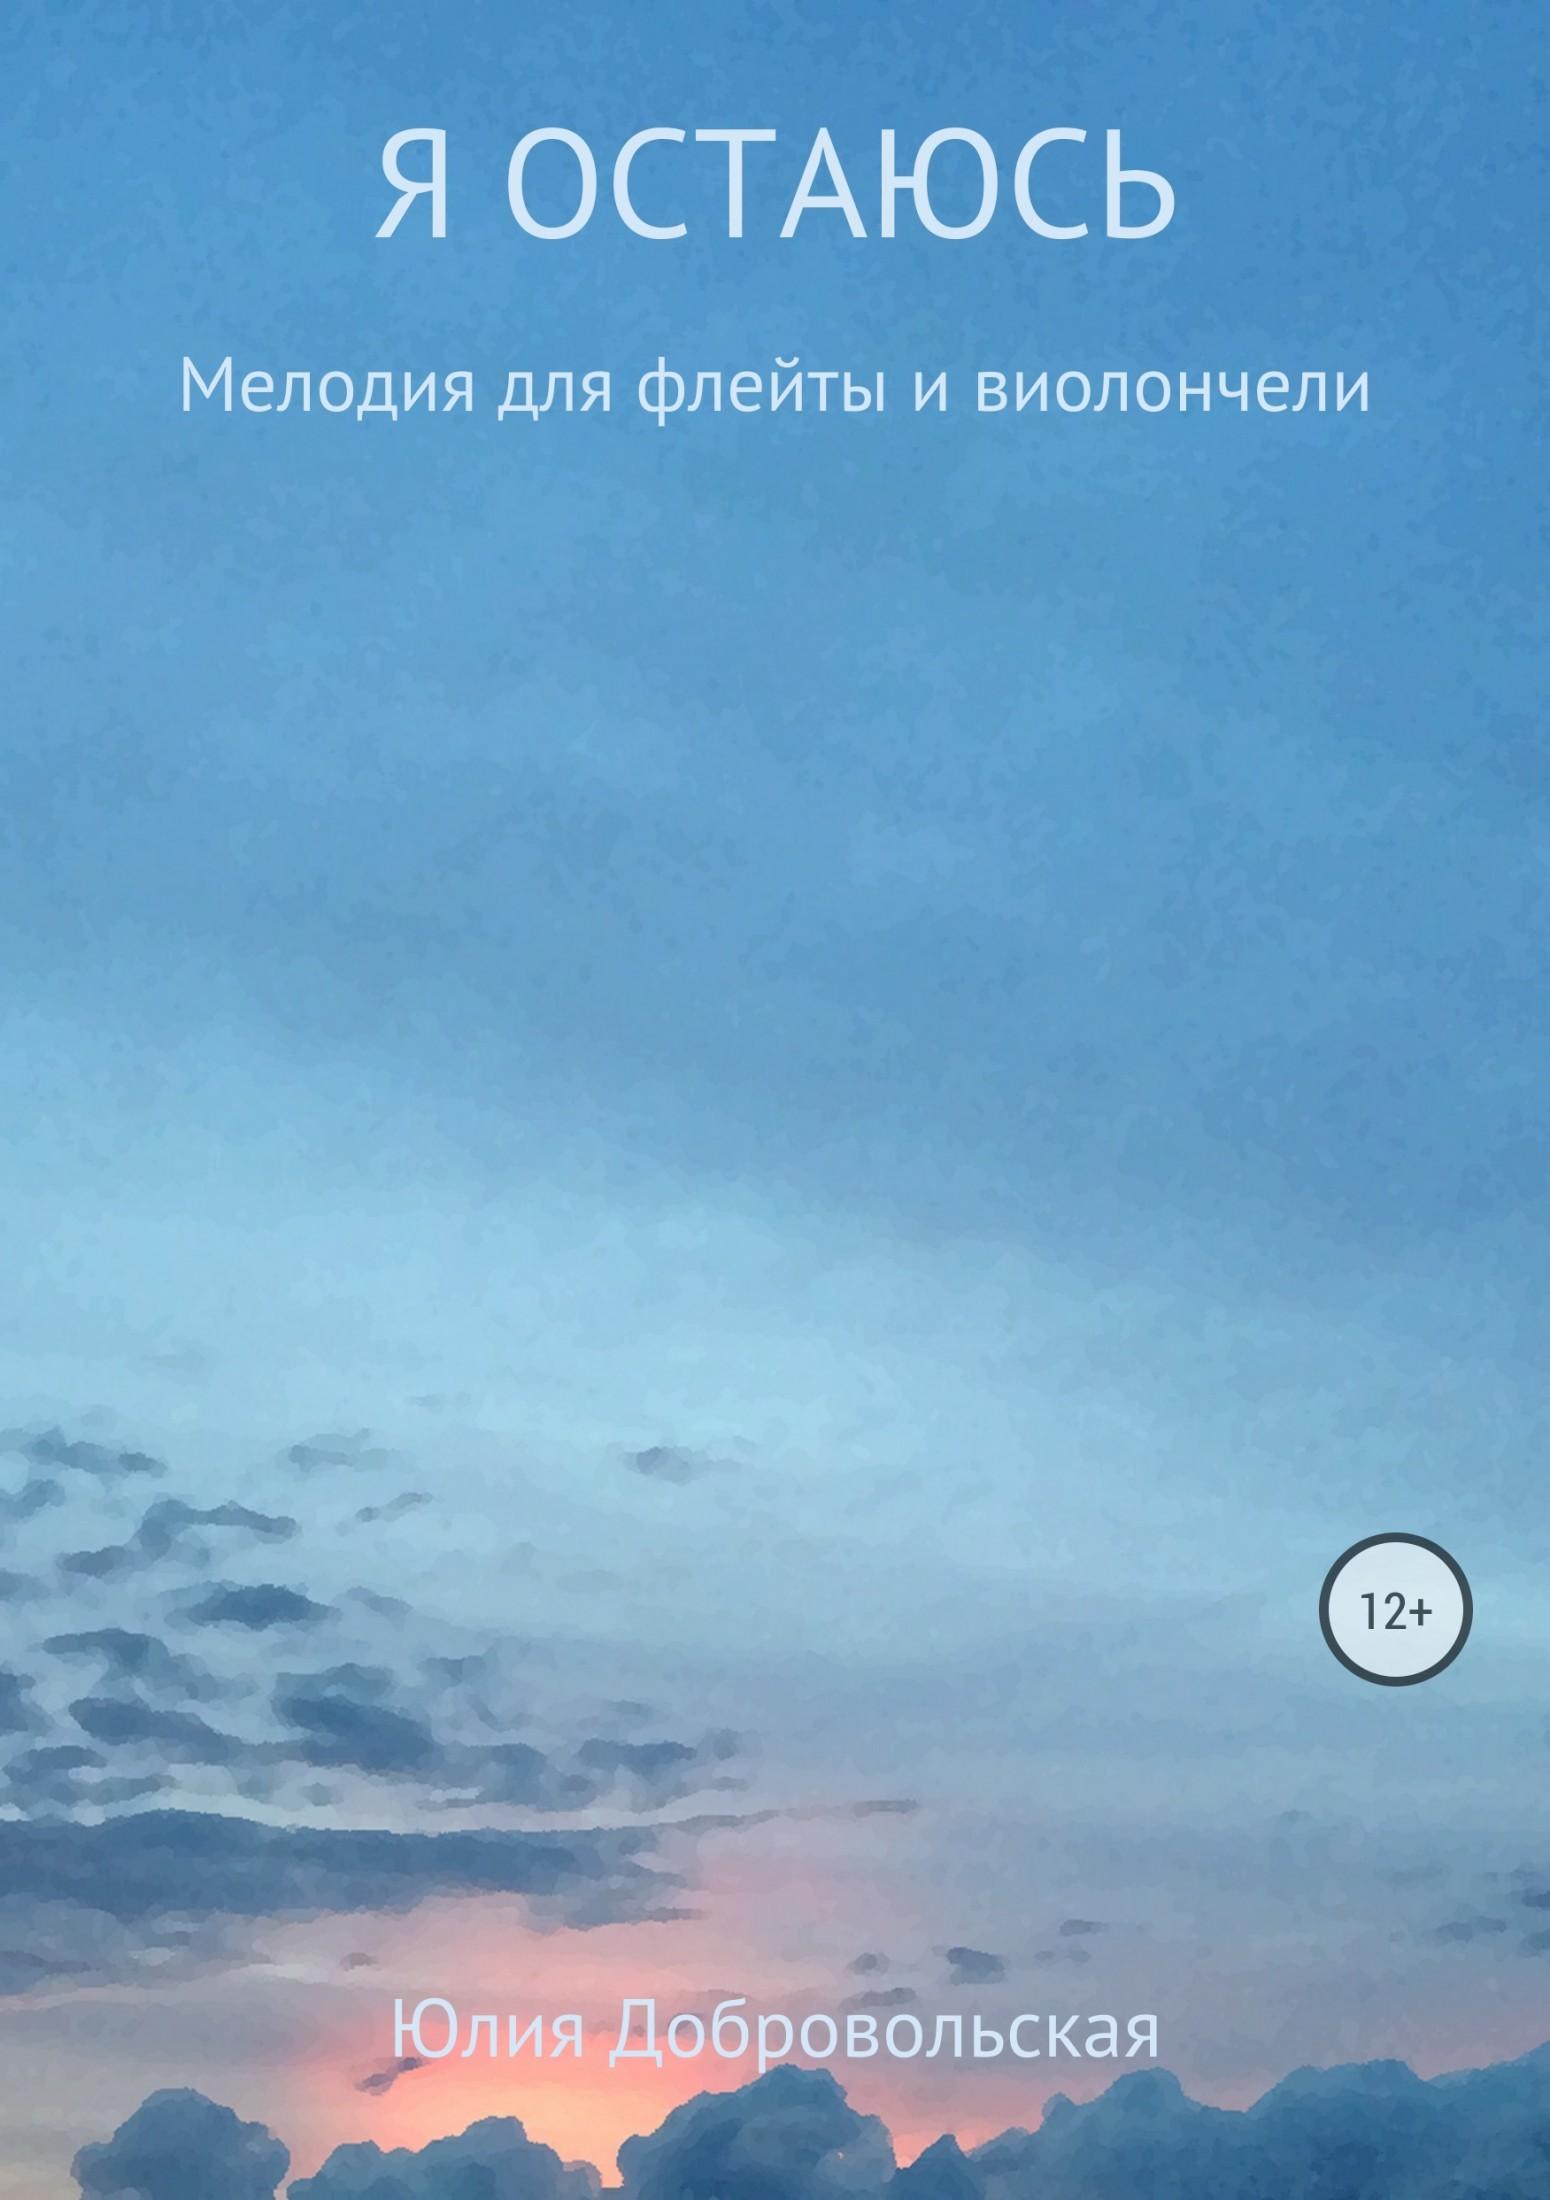 Юлия Добровольская Я остаюсь. Мелодия для флейты и виолончели